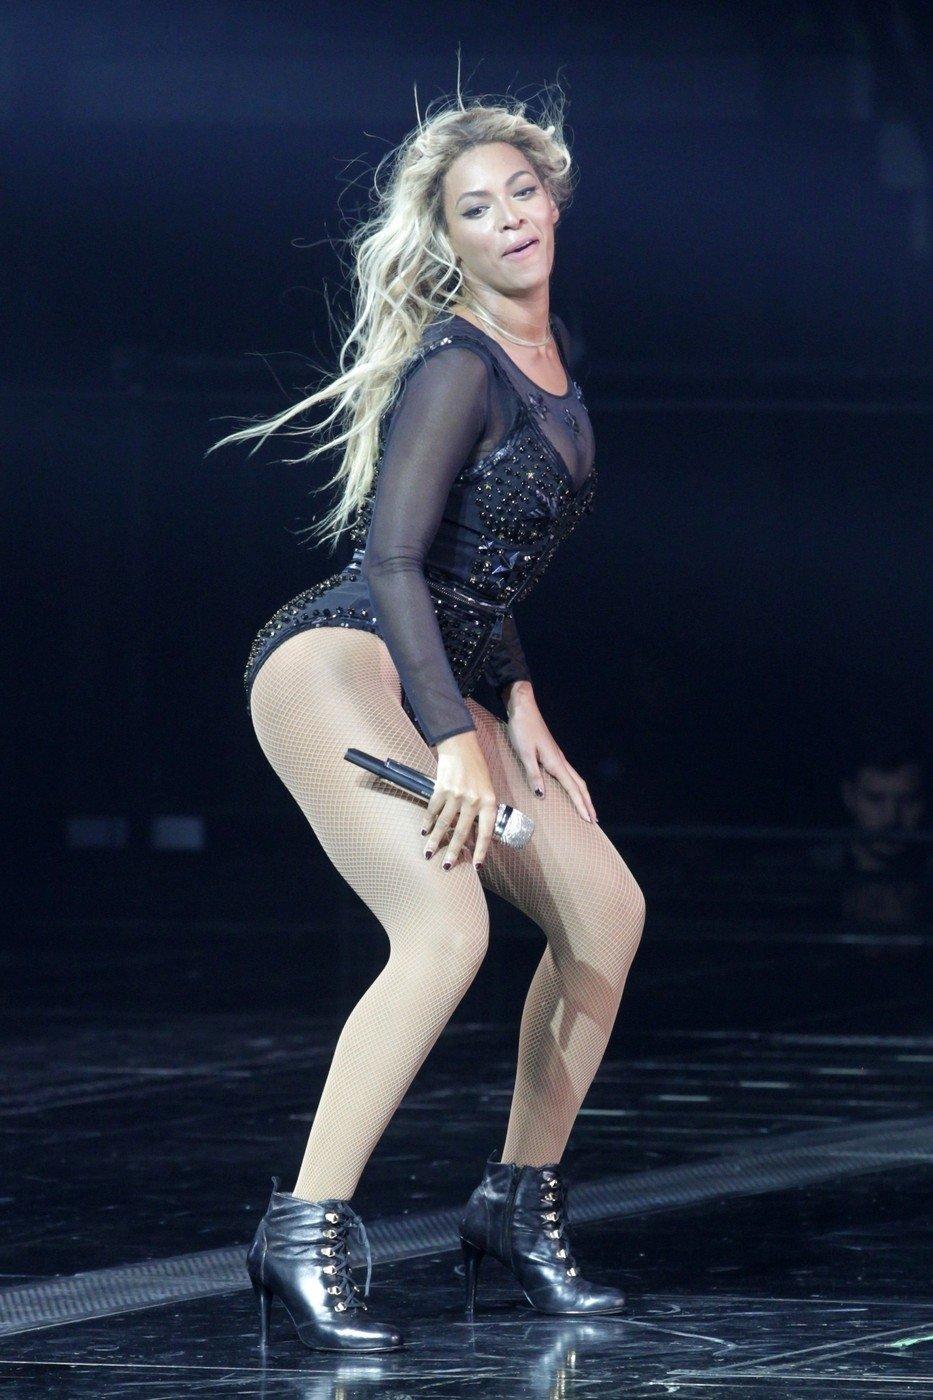 Zpěvačka Beyoncé se snaží na své postavě pracovat. Díky tomu má křivky sice plnější, ale postavu symetrickou.